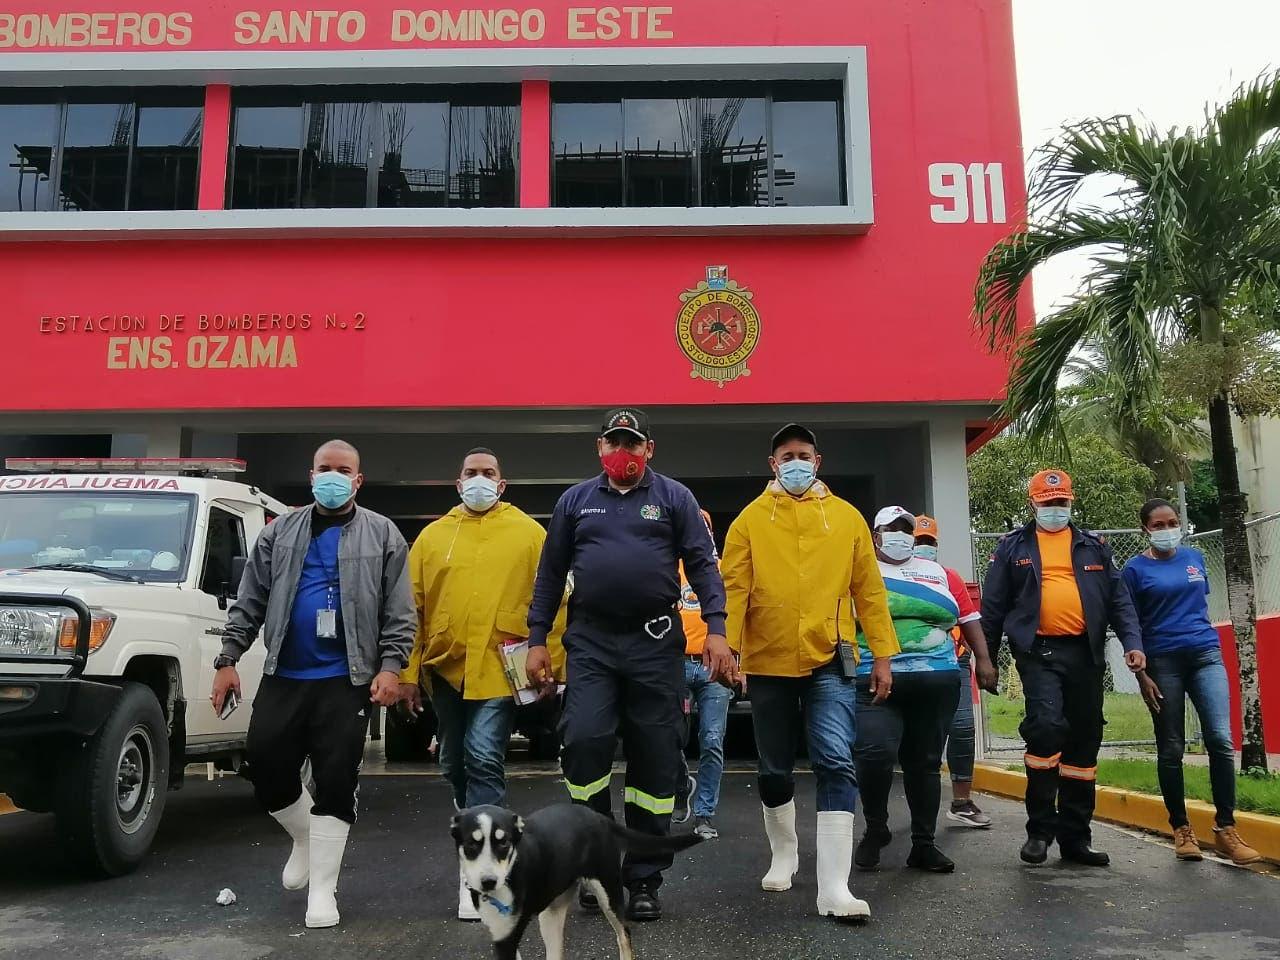 Alcaldía afirma tormenta Fred no provocó daños ni desplazados en Santo Domingo Este